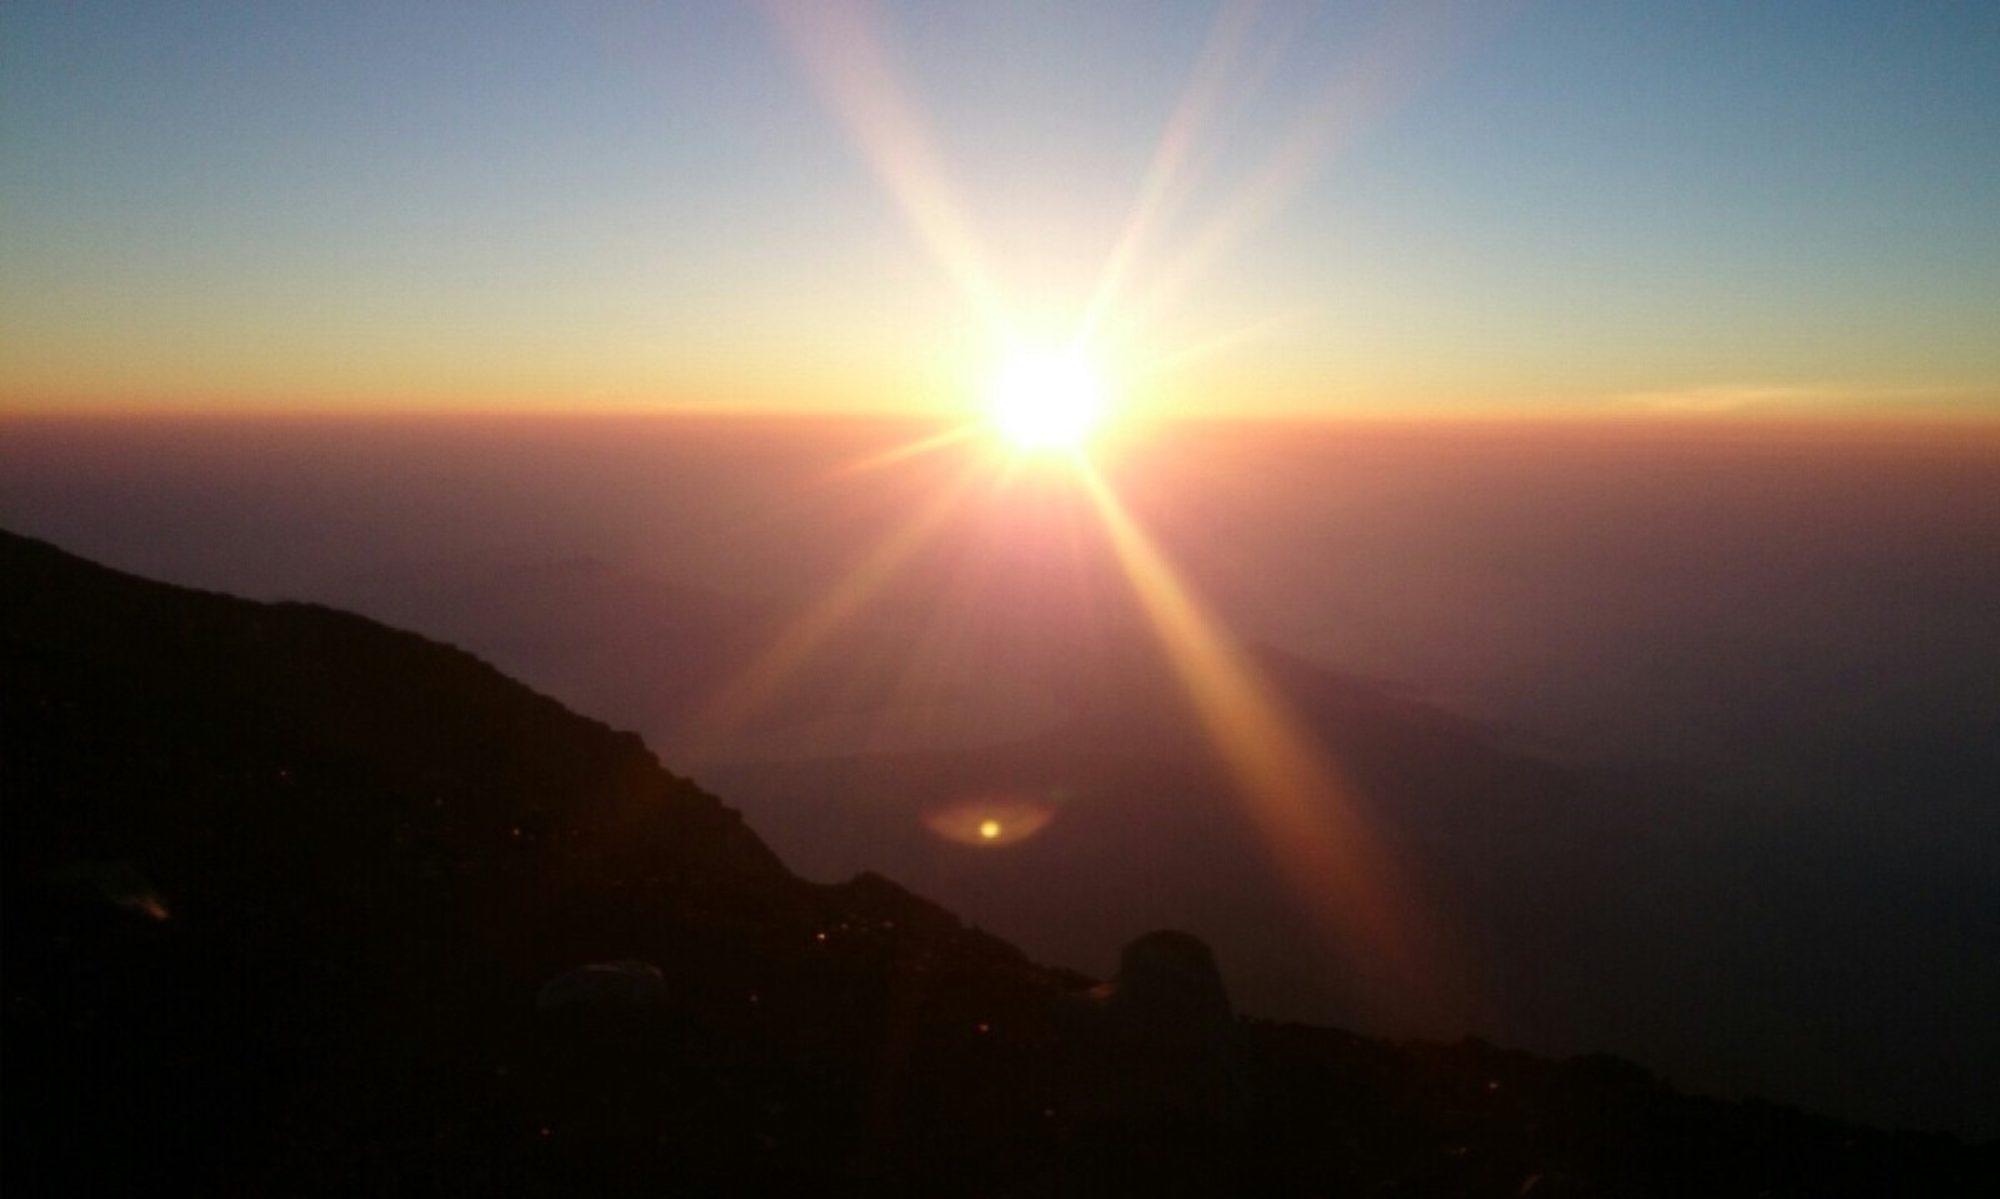 ダイバーシティ富士登山